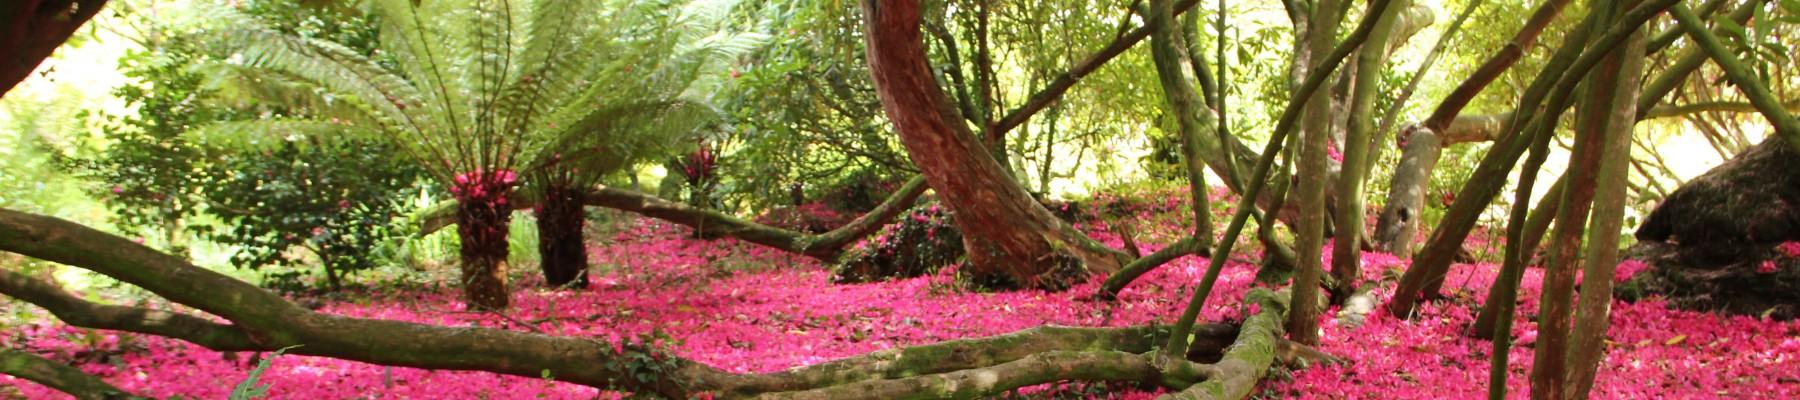 Societé d'Horticulture de la Gironde